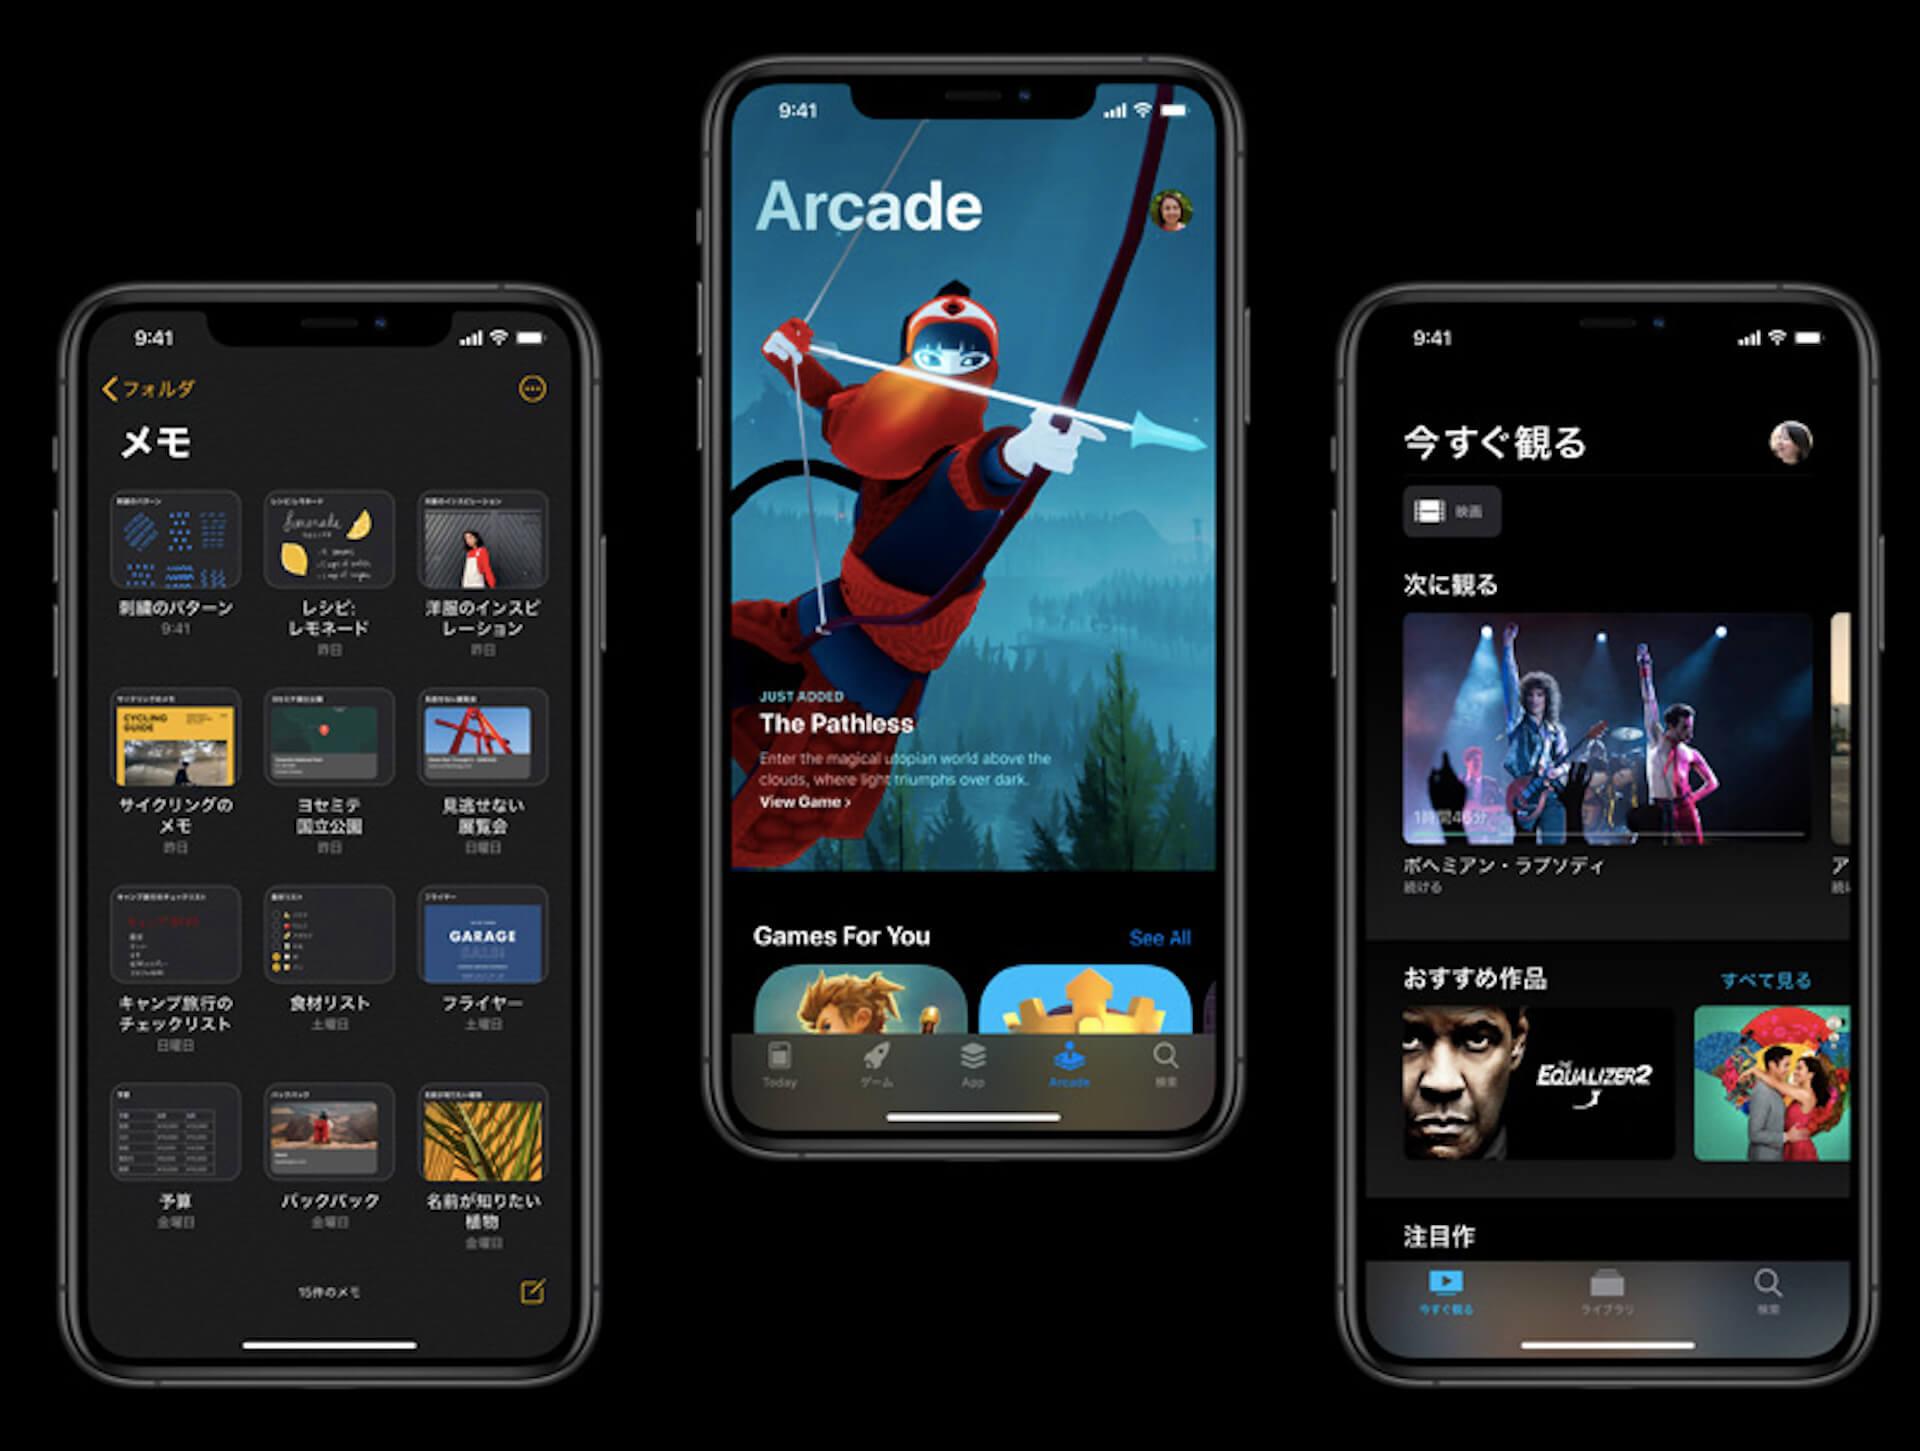 ついに本日リリースiOS 13、どんな機能がある?iPhone 11、iPhone 11 Pro/Pro Maxも店頭に tech190920_ios13_1